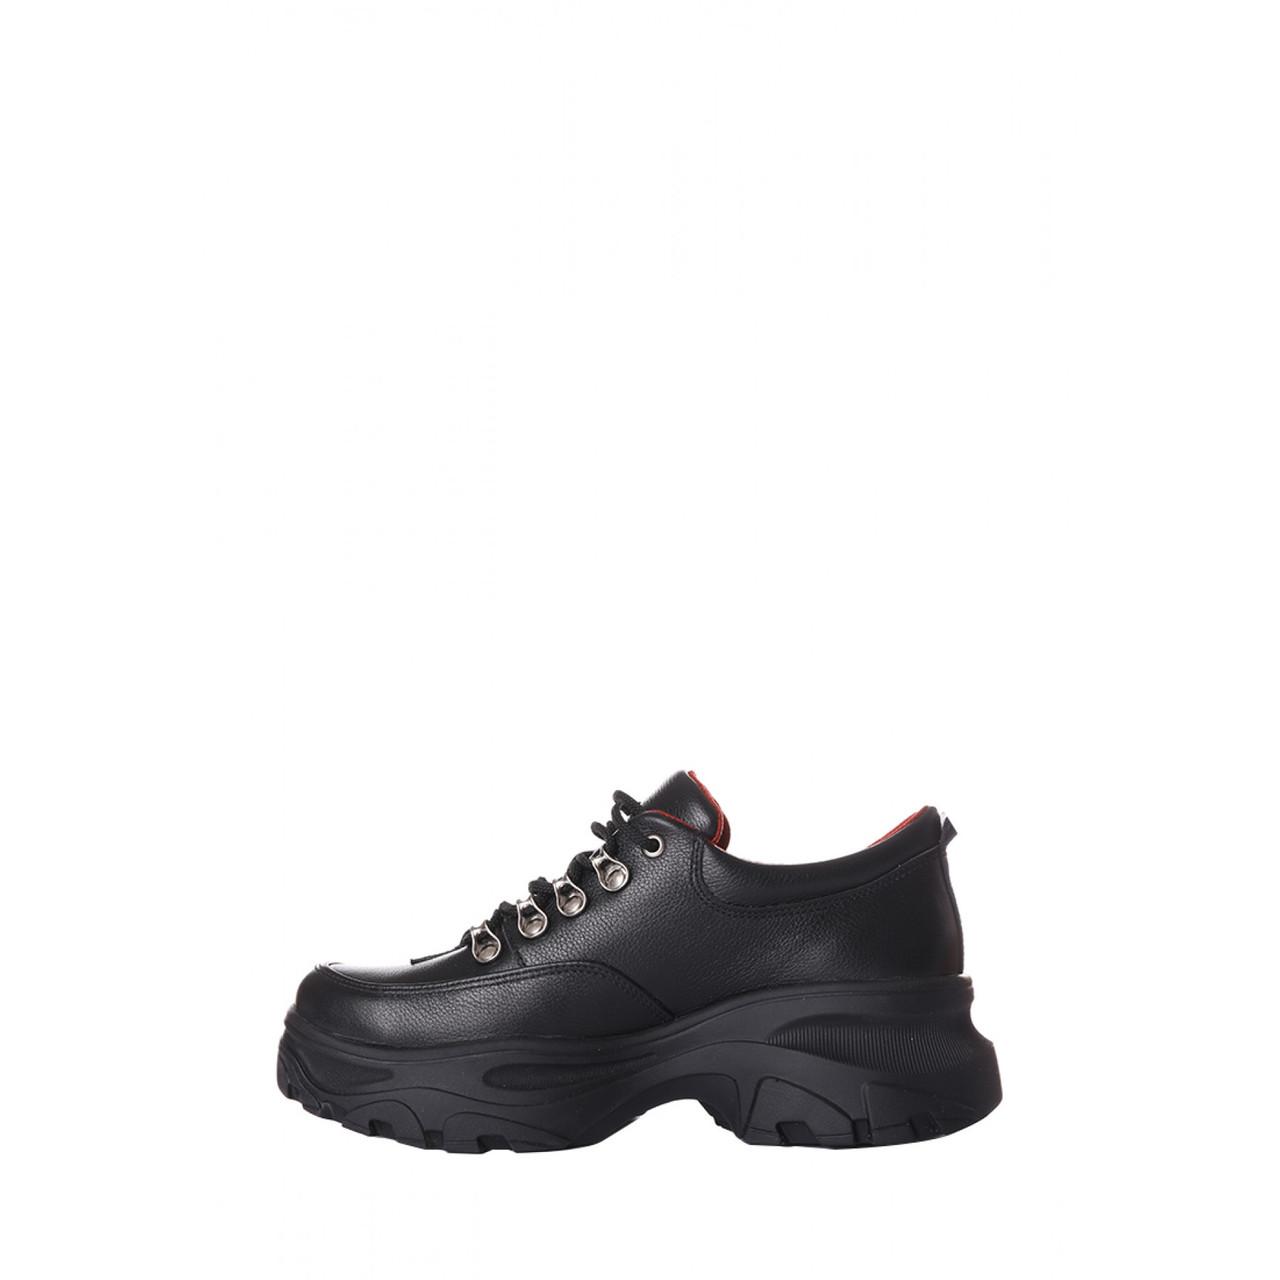 Женские cпортивные туфли из натуральной кожи на высокой платформе